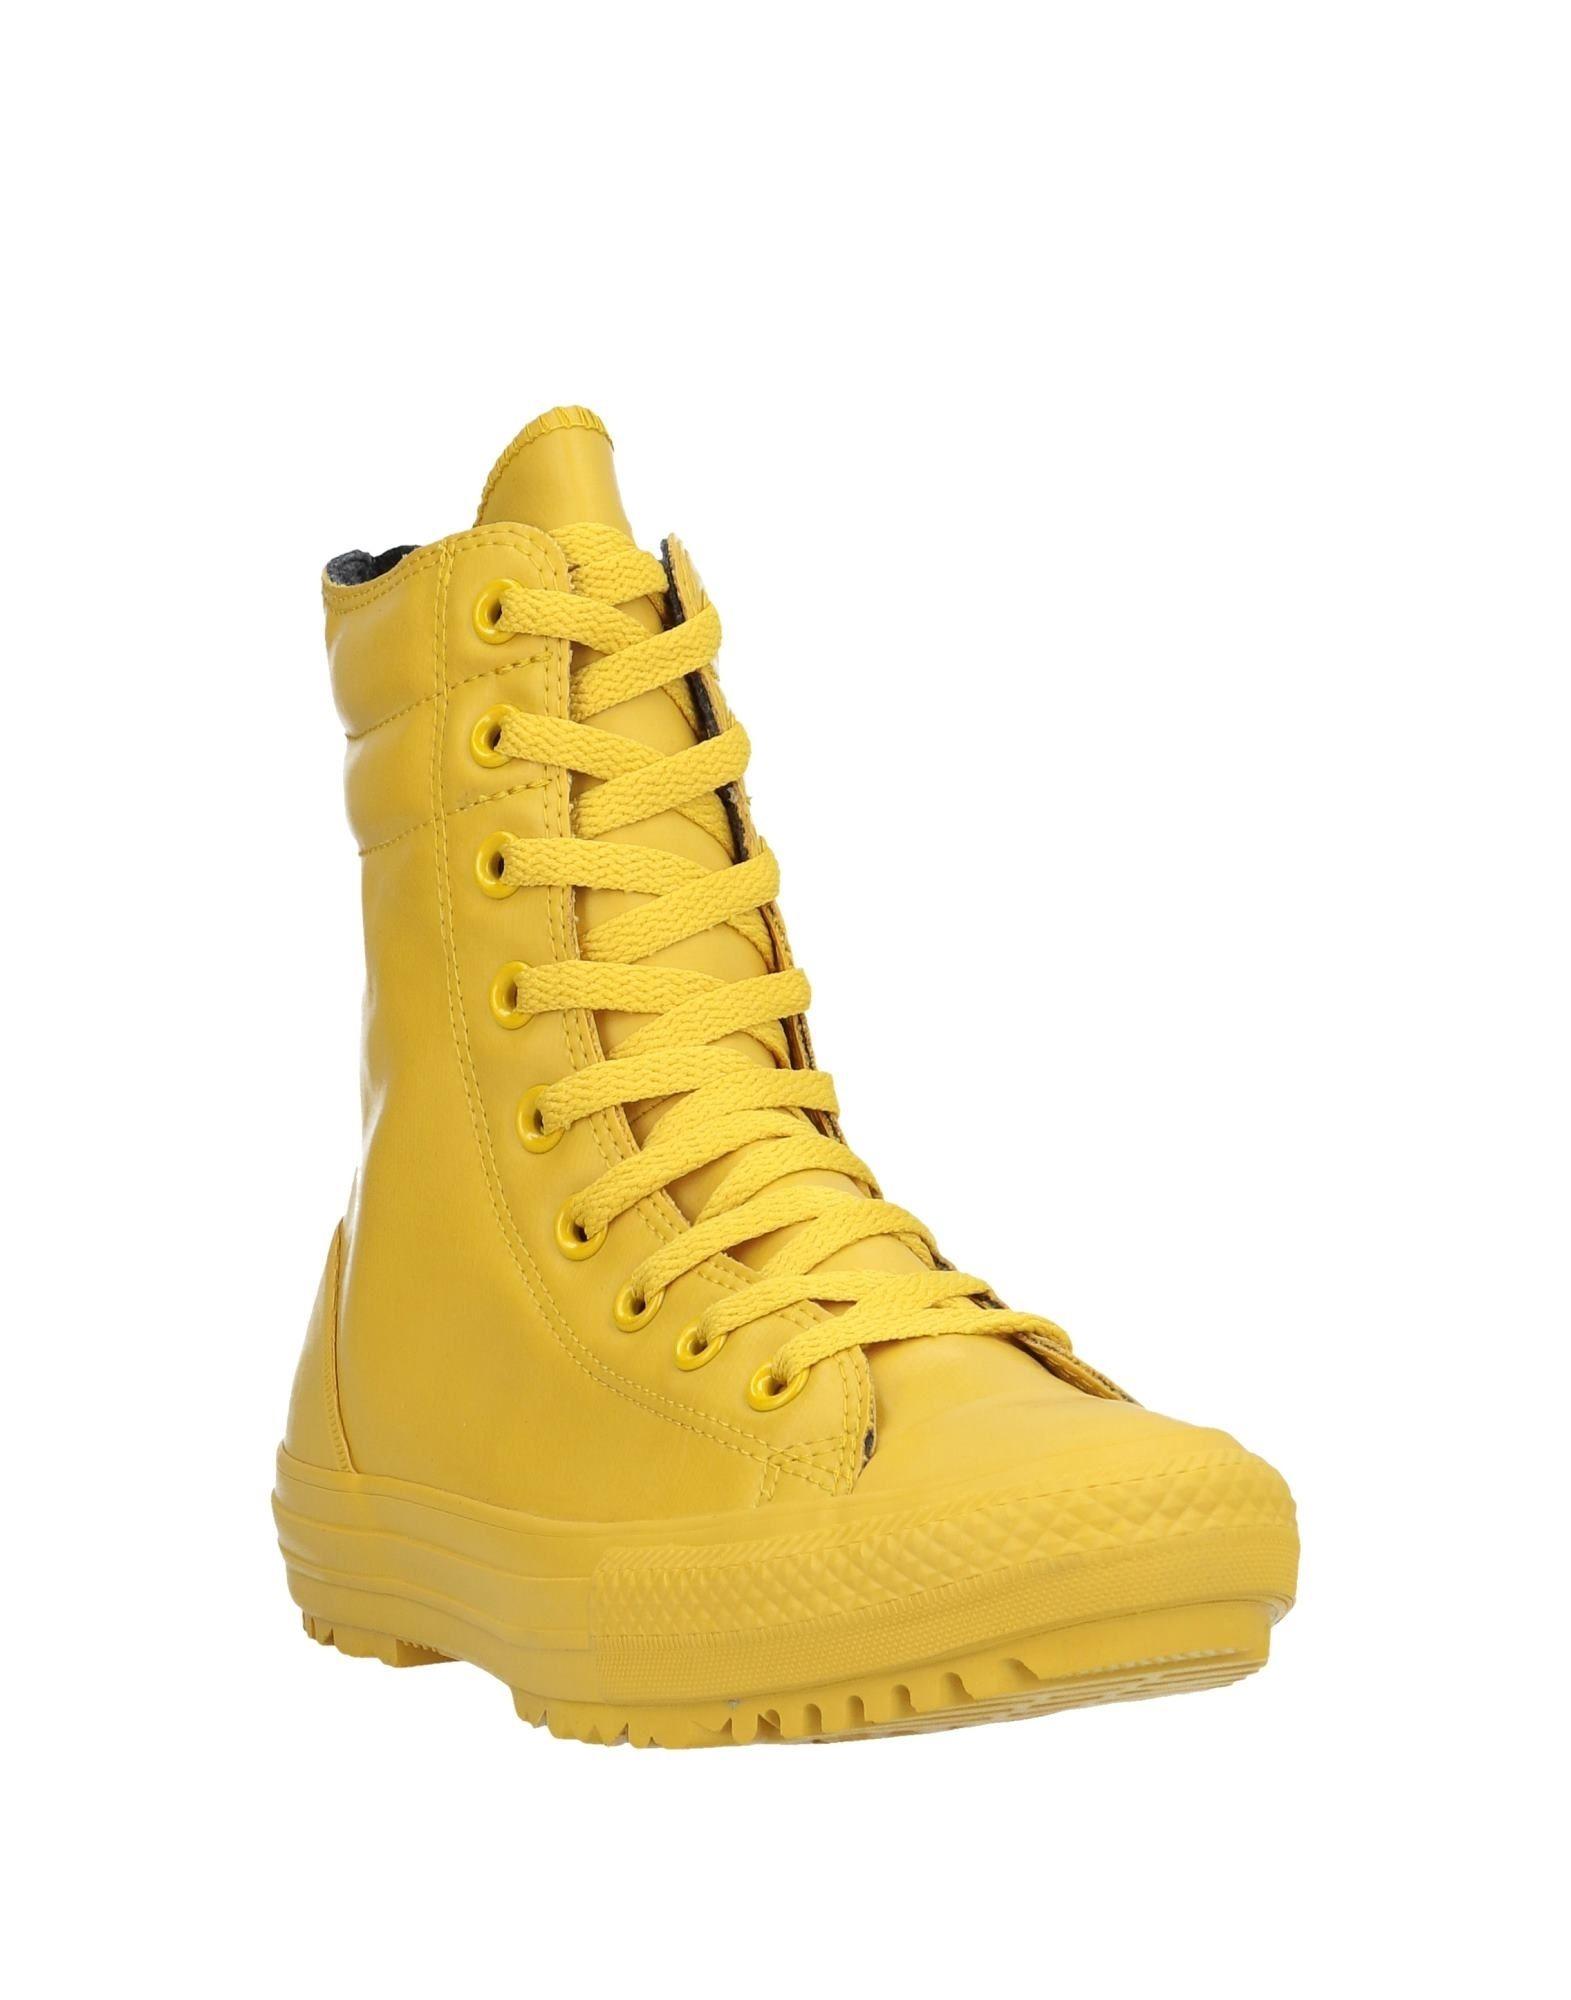 Converse All Star Sneakers Damen  Schuhe 11559488CI Gute Qualität beliebte Schuhe  3ff79e